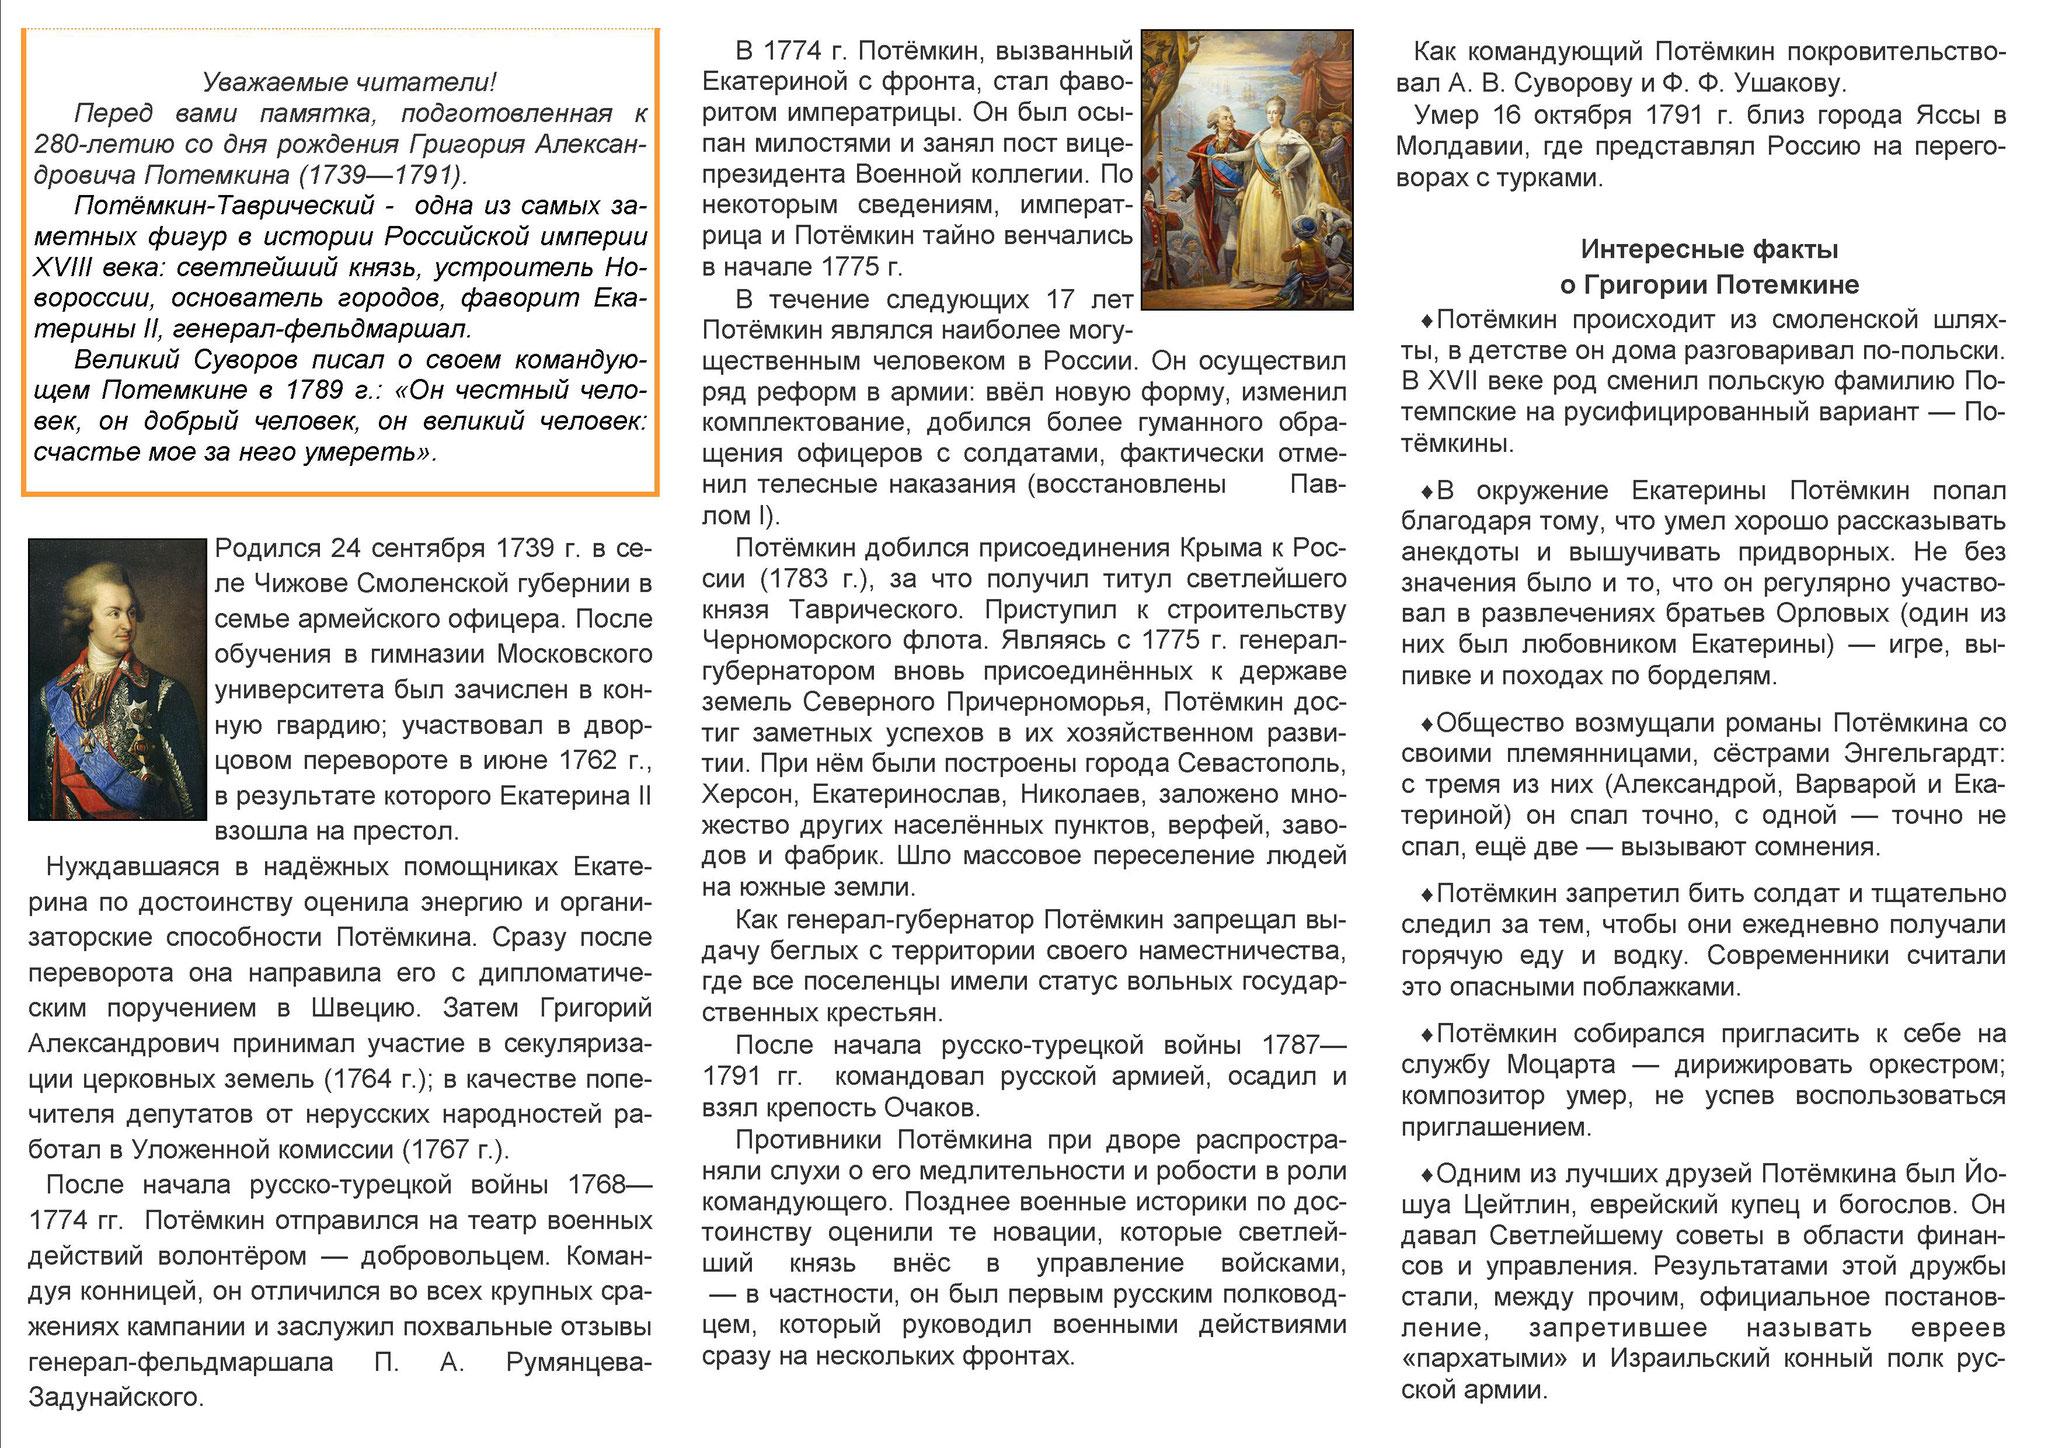 """Библиографическая памятка """"Светлейший князь Григорий Потемкин-Таврический"""""""